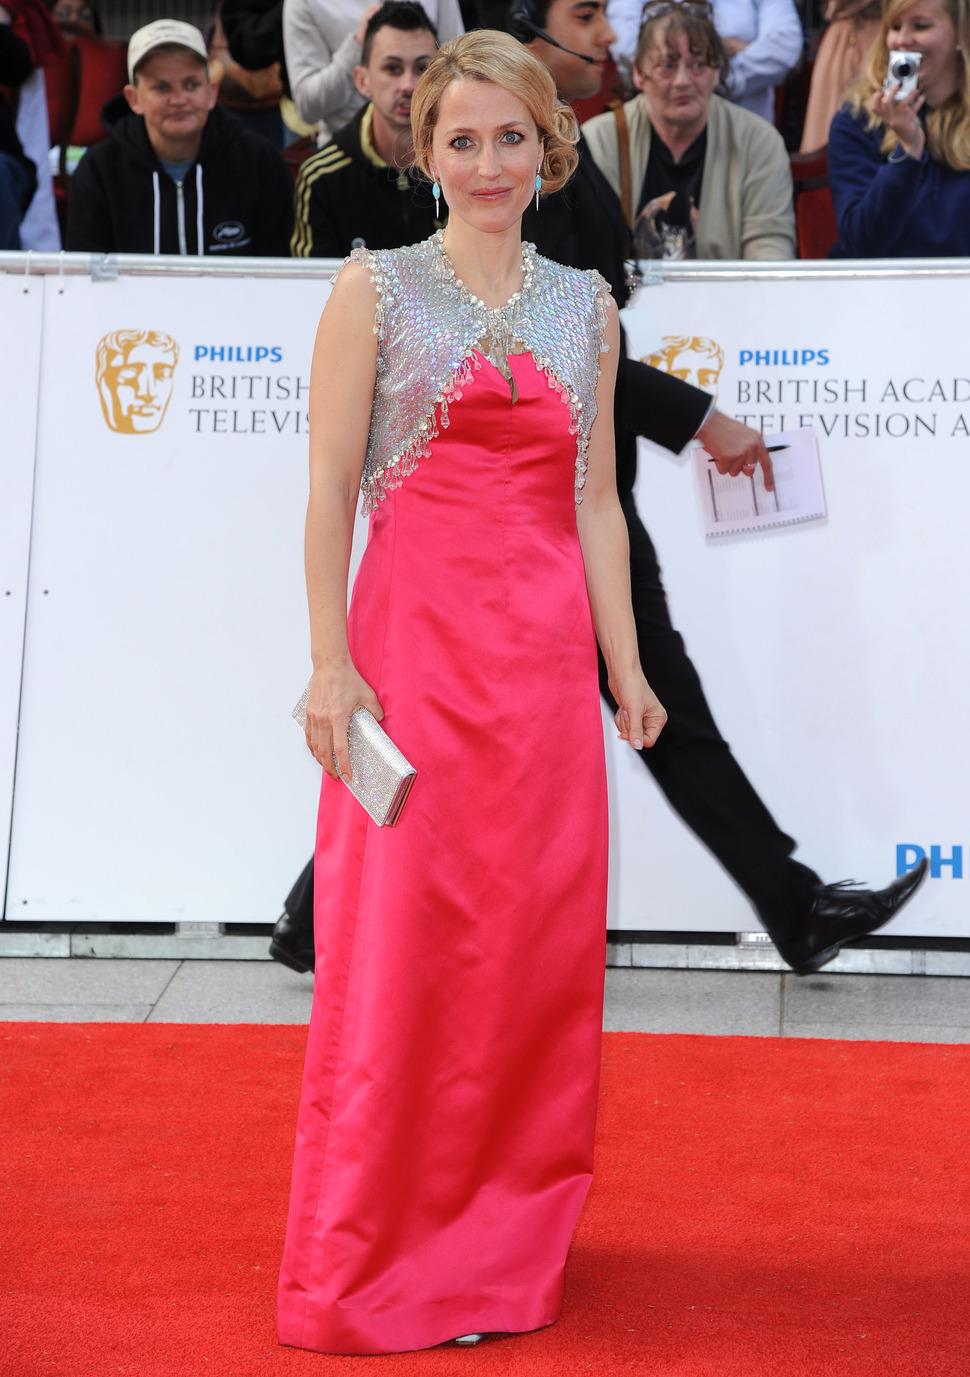 BAFTA Television Awards 2011